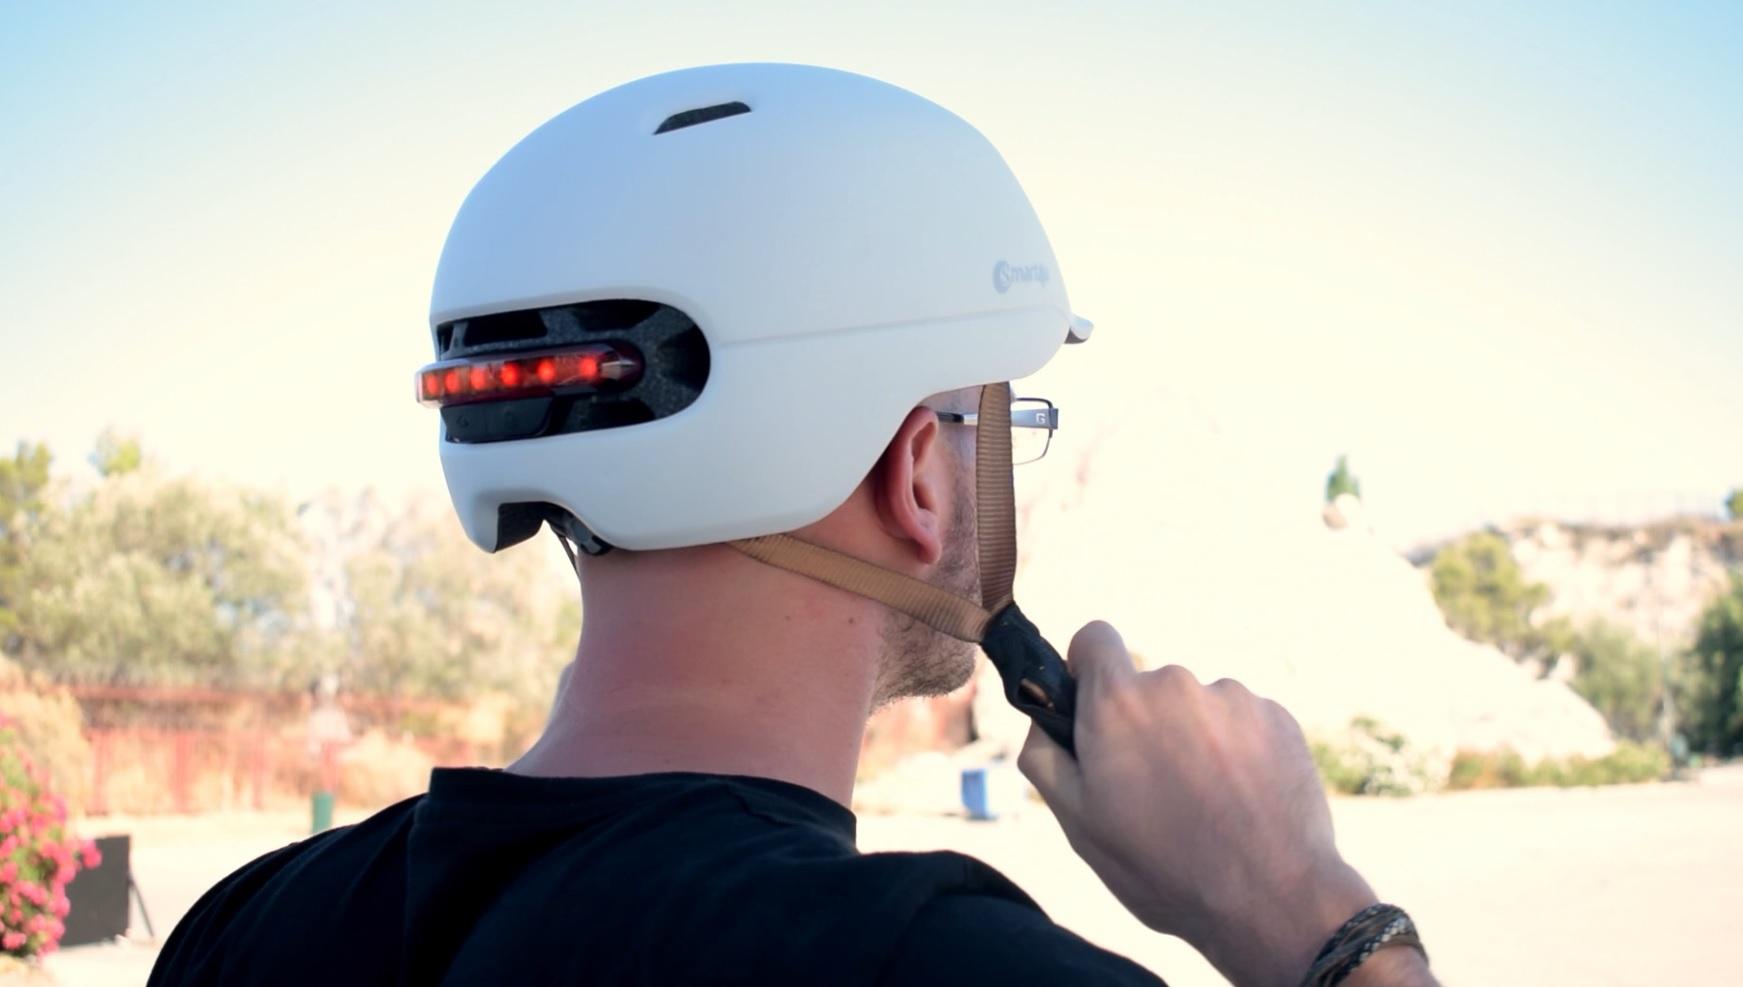 Υποχρεωτικό το κράνος για ποδηλάτες και αναβάτες πατινιών - GetElectric